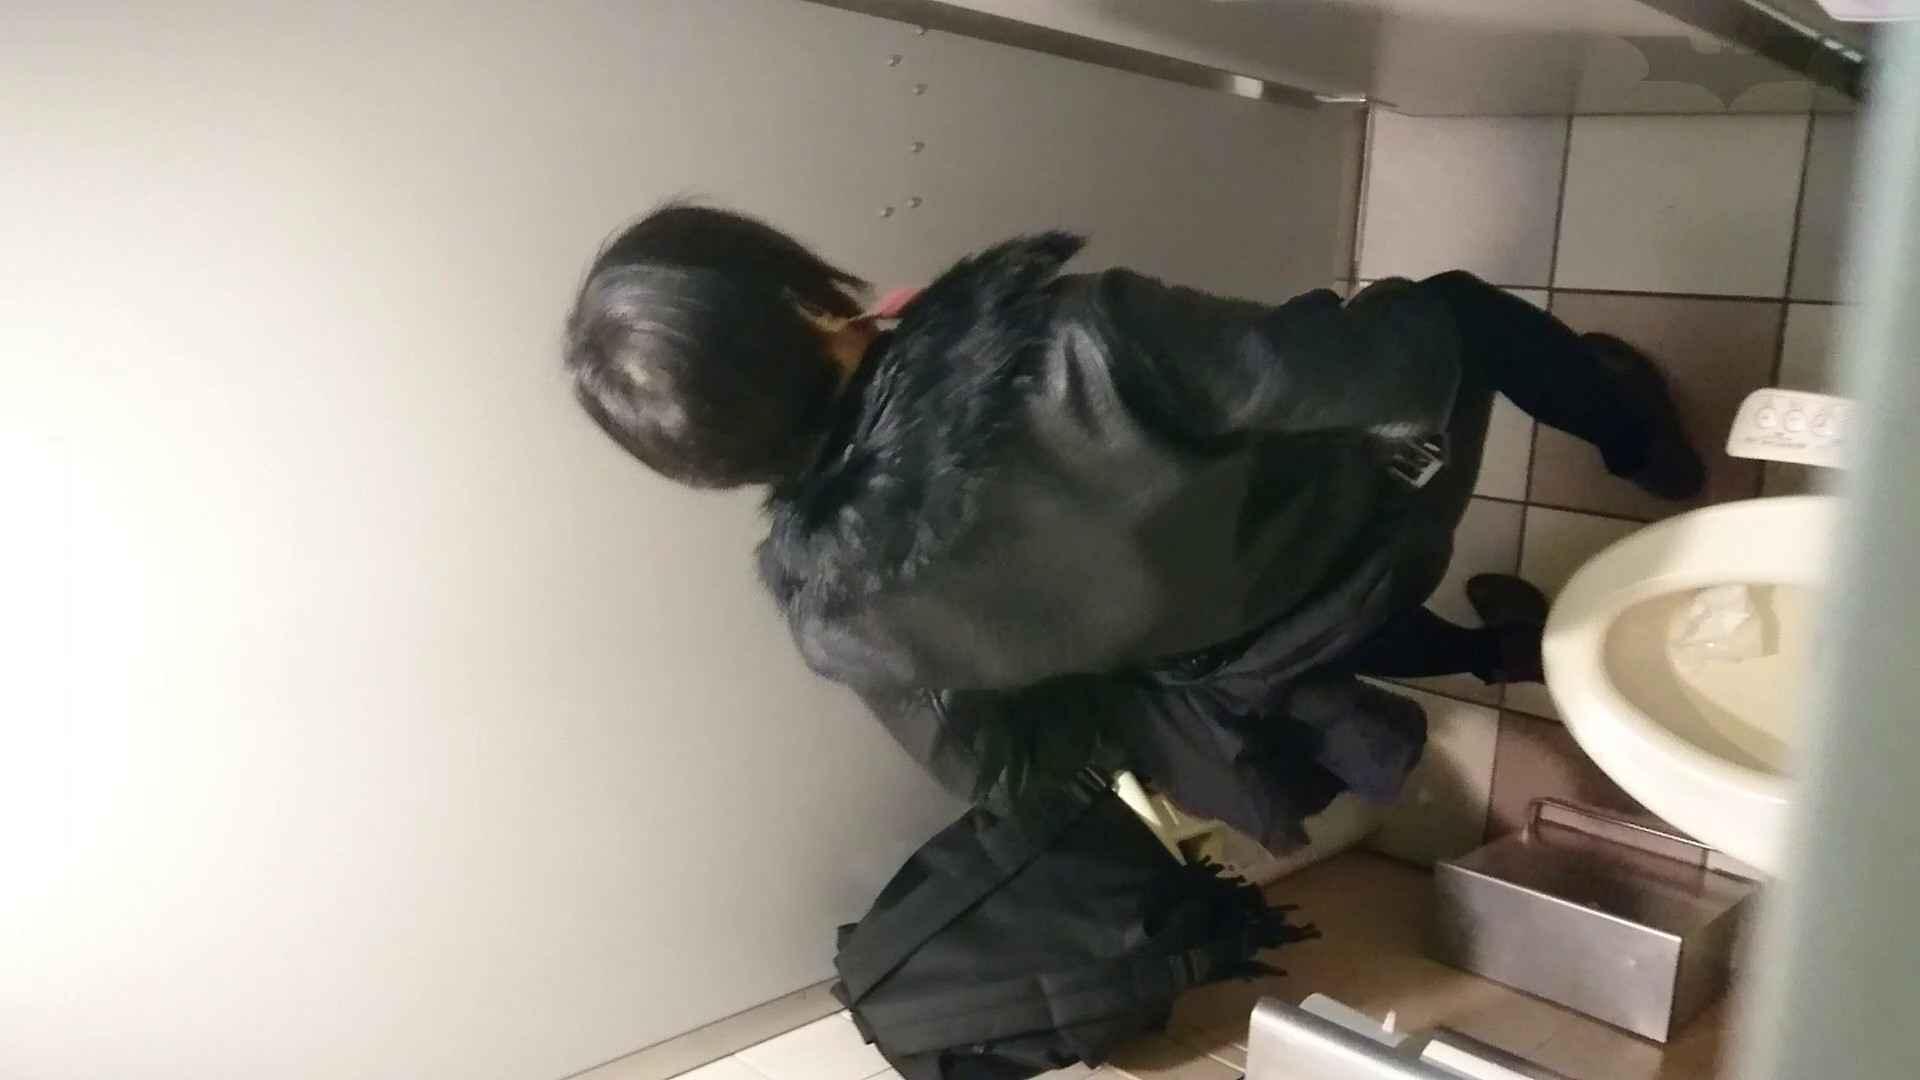 化粧室絵巻 ショッピングモール編 VOL.08 美肌 われめAV動画紹介 97画像 61